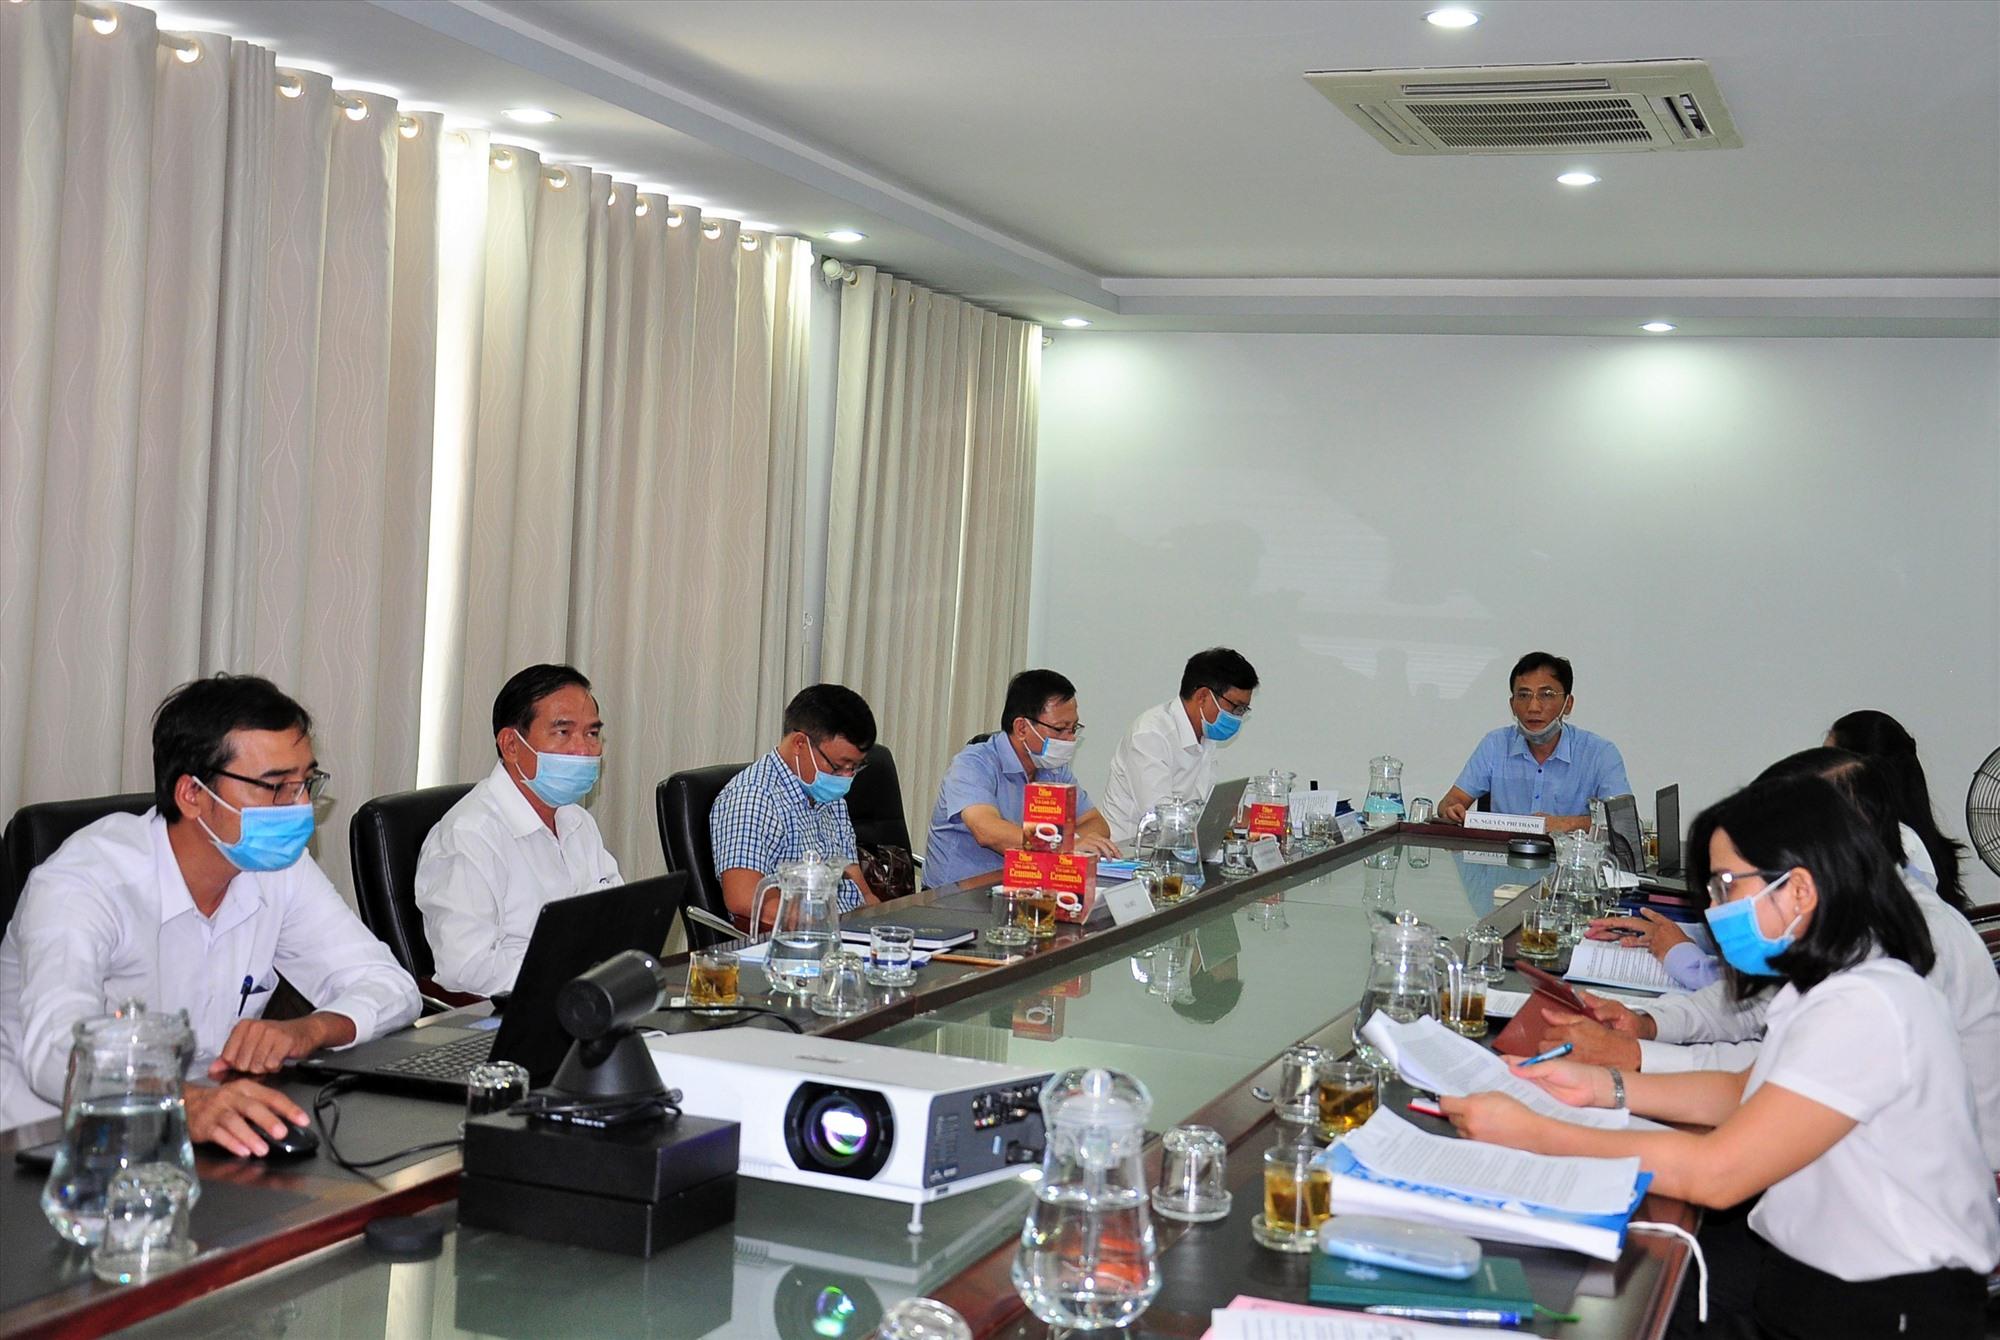 Các đại biểu tham dự cuộc họp đầu cầu Sở KH-CN. Ảnh: S.A